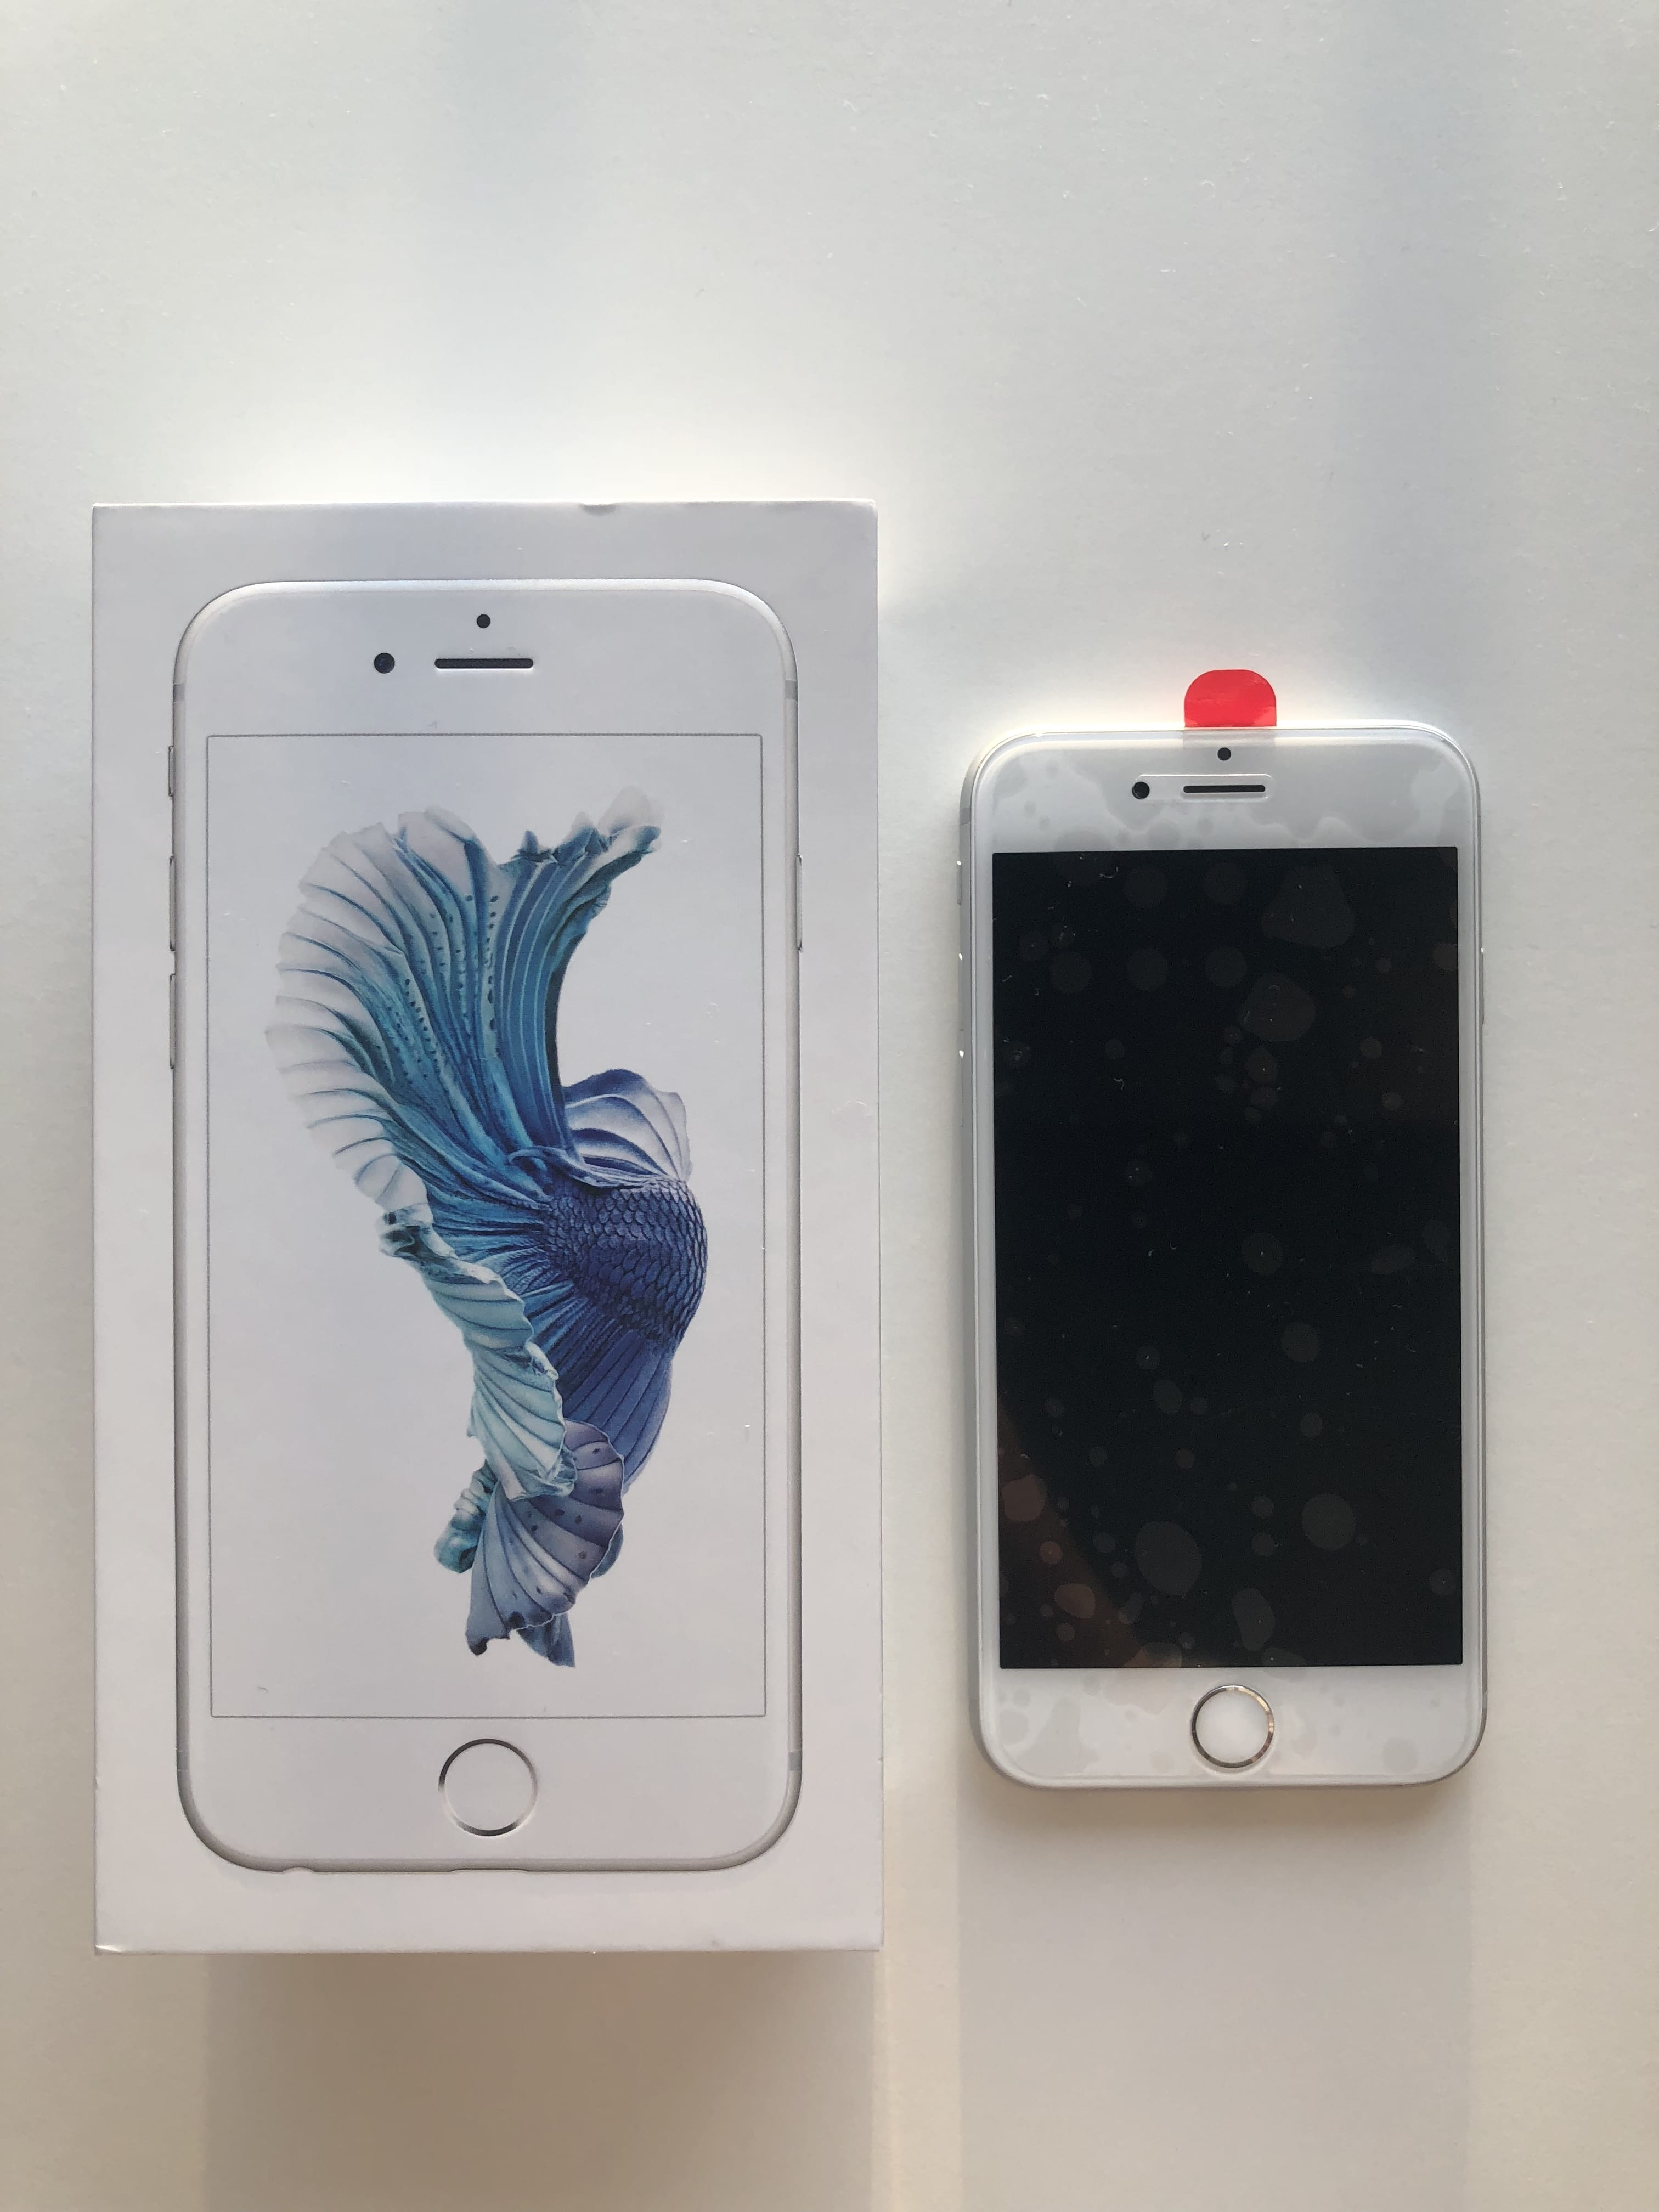 Zobraziť inzerát ~ MacBlog.sk - iPhone - iPhone 6s Silver 64GB 4a7ab26e33e